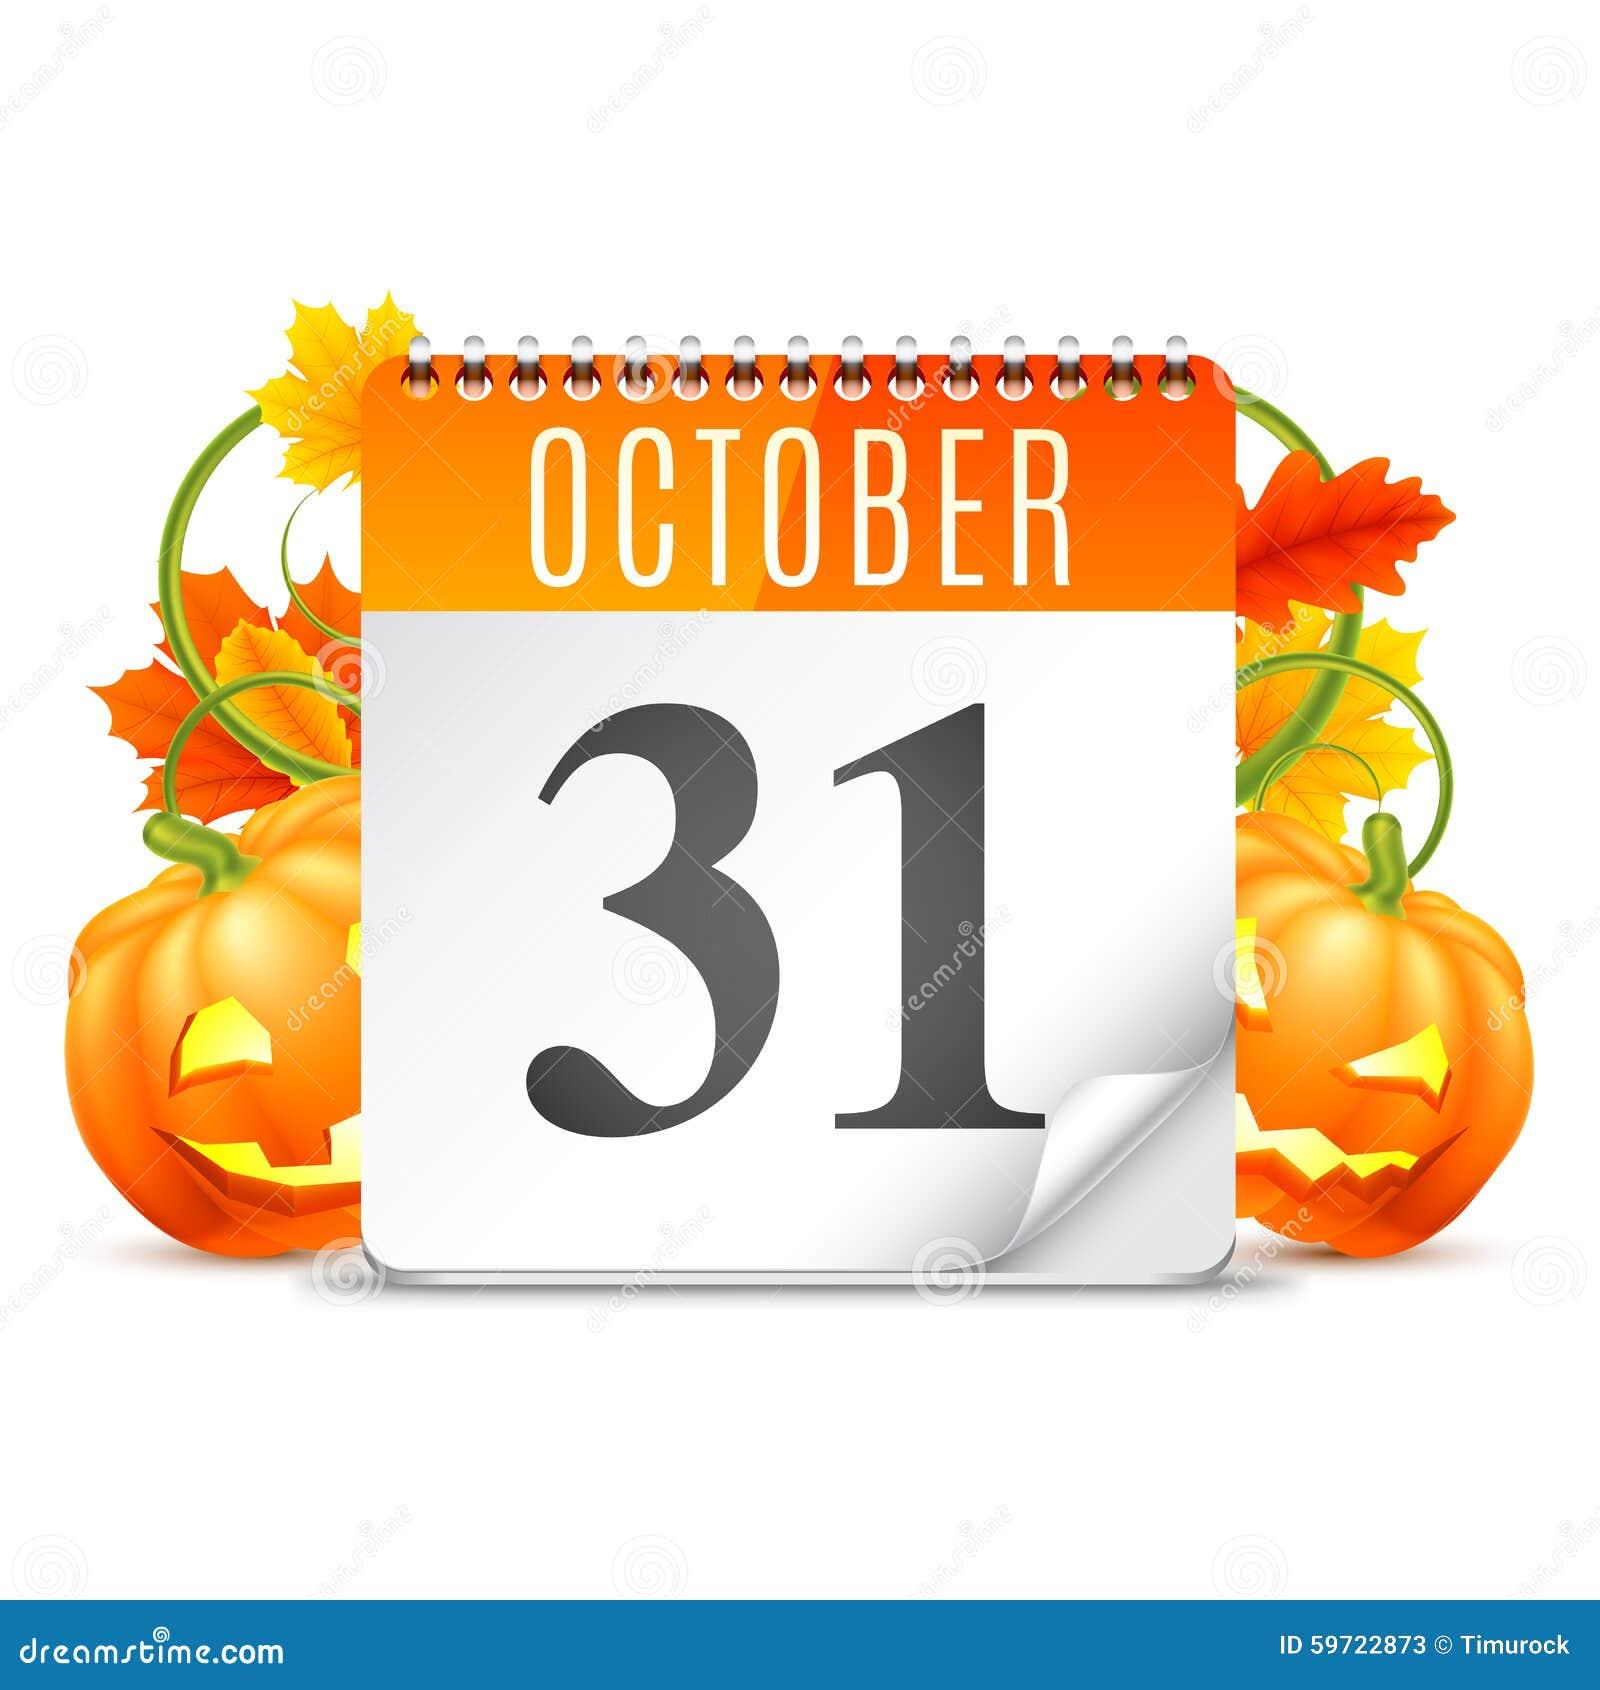 October Calendar Illustration : Halloween calendar stock vector illustration of tree